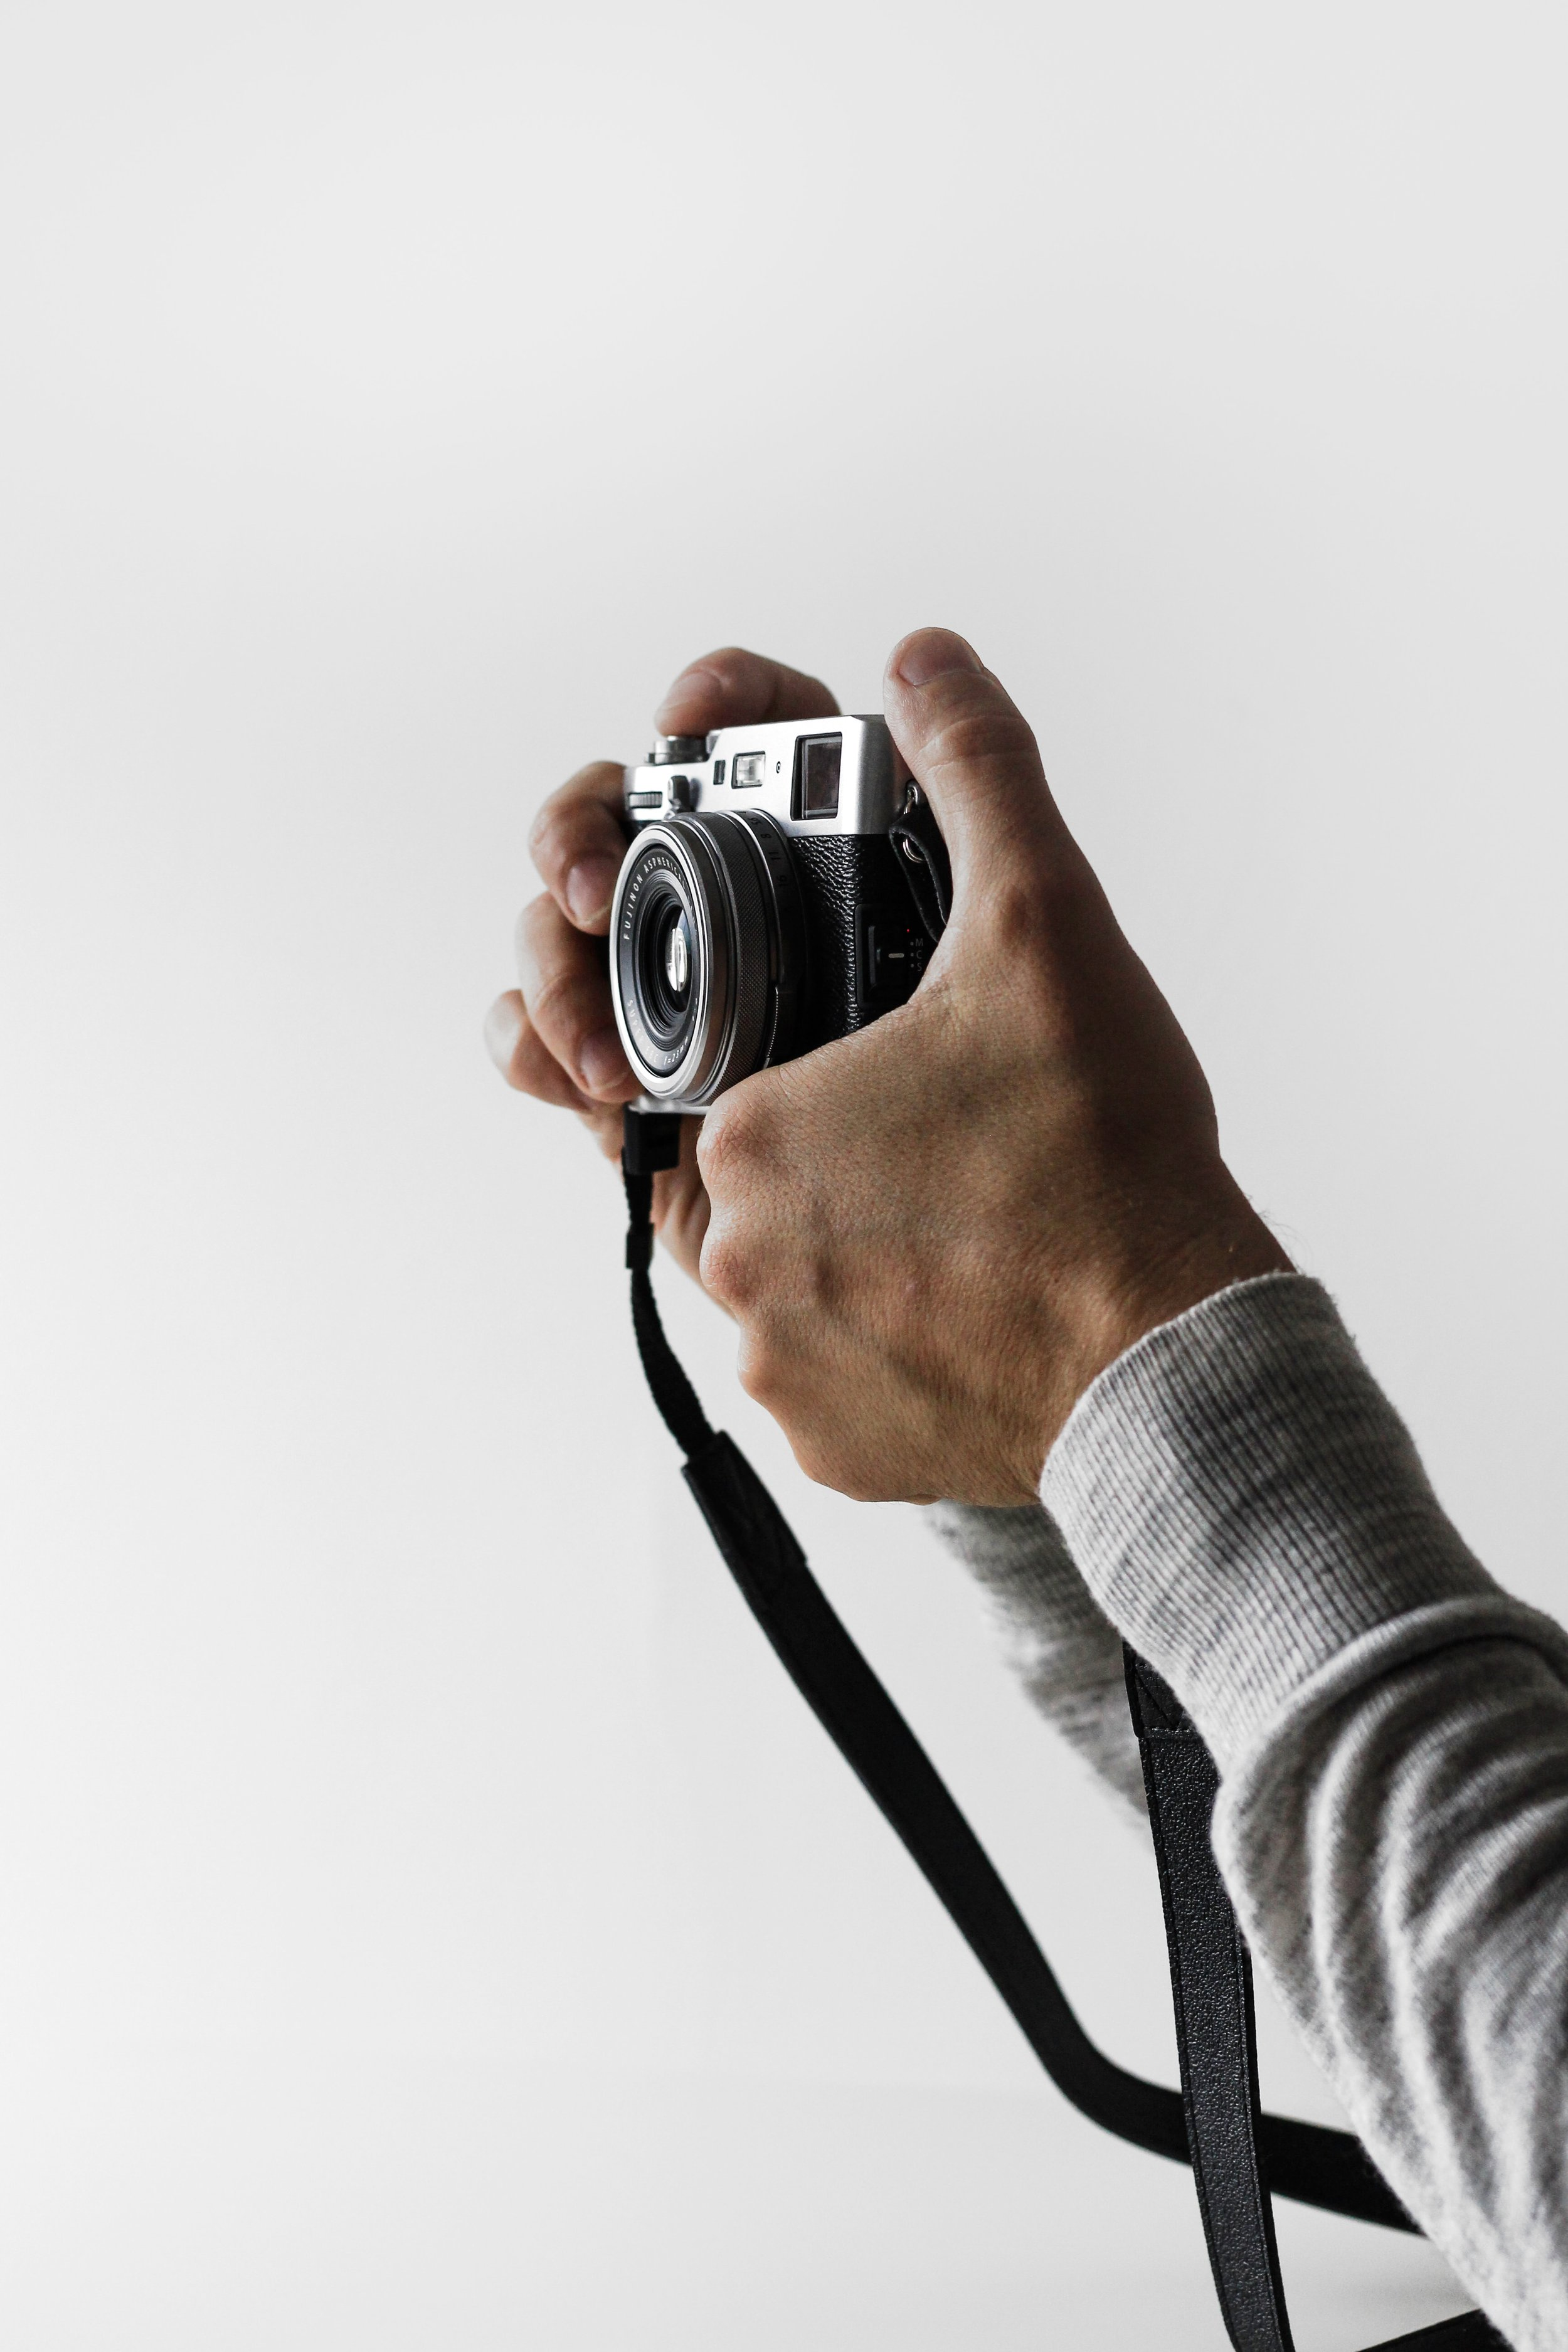 Dla kogo są nasze kursy - - DLA POCZĄTKUJĄCYCH FOTOGRAFÓW I NOWICJUSZY- OSÓB KTÓRYM ZALEŻY NA PROFESJONALIŹMIE I SOLIDNEJ WIEDZY- OSÓB PROWADZĄCYCH WŁASNY BIZNES ZWIĄZANY Z FOTOGRAFIĄ- PRACOWNIKÓW REDAKCJI, AGENCJI MARKETINGOWYCH, PR, SOCIAL MEDIA- KLINIK STOMATOLOGICZNYCH I CHIRURGII PLASTYCZNEJ- PRZYSZŁYCH ASYSTENTÓW FOTOGRAFA,STUDENTÓW I UCZNIÓW- DLA OSÓB ZAKOCHANYCH W FOTOGRAFII